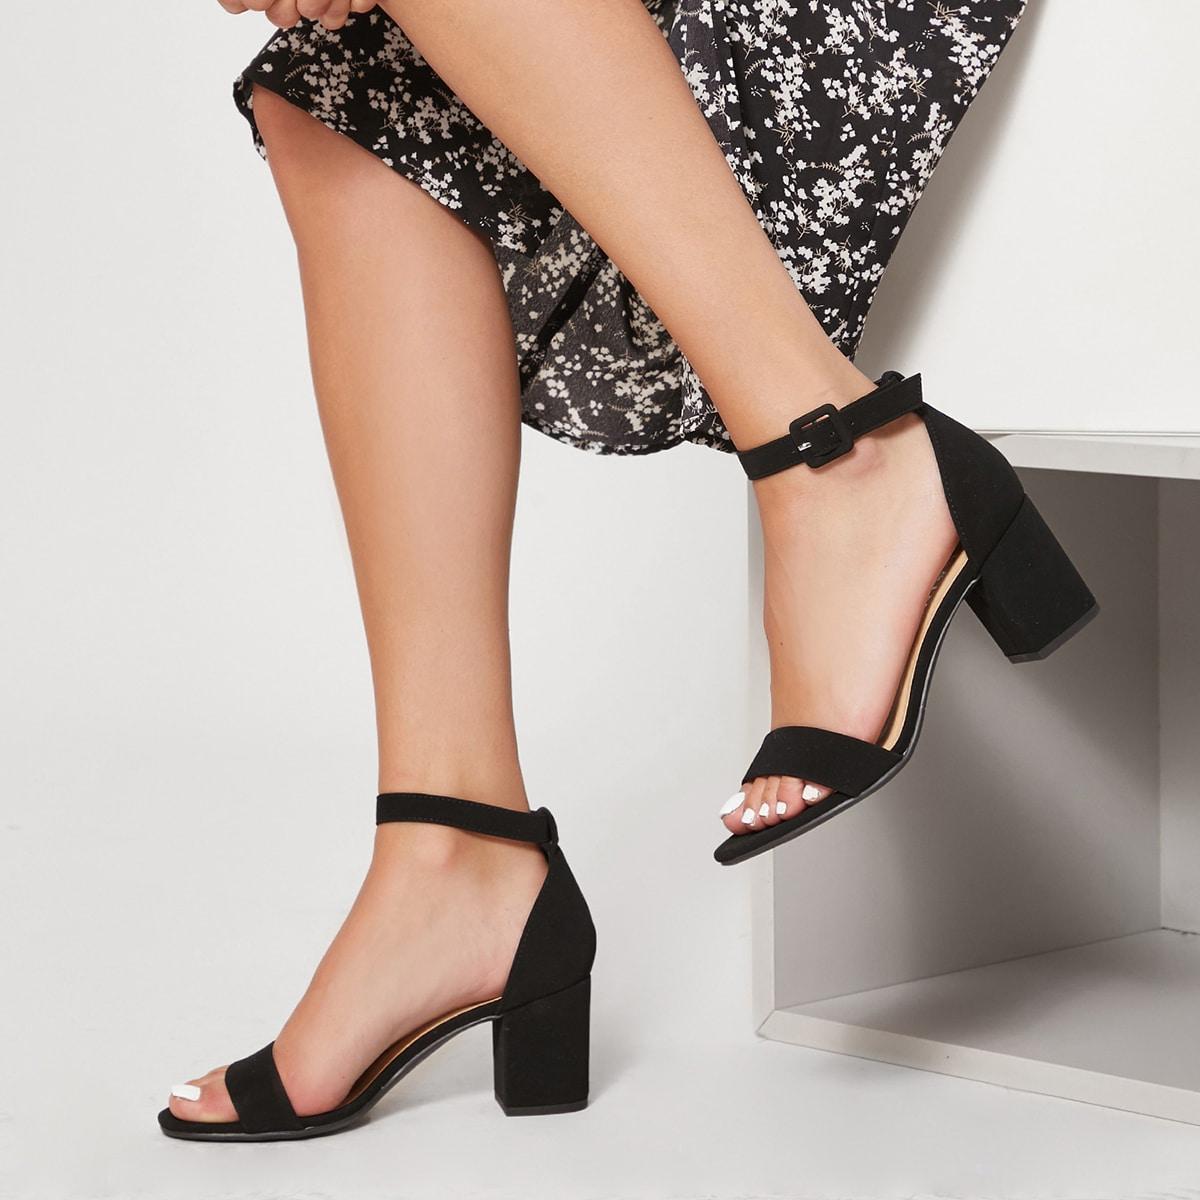 Однополосный ремешок на лодыжке Короткие туфли на каблуках BLACK от SHEIN